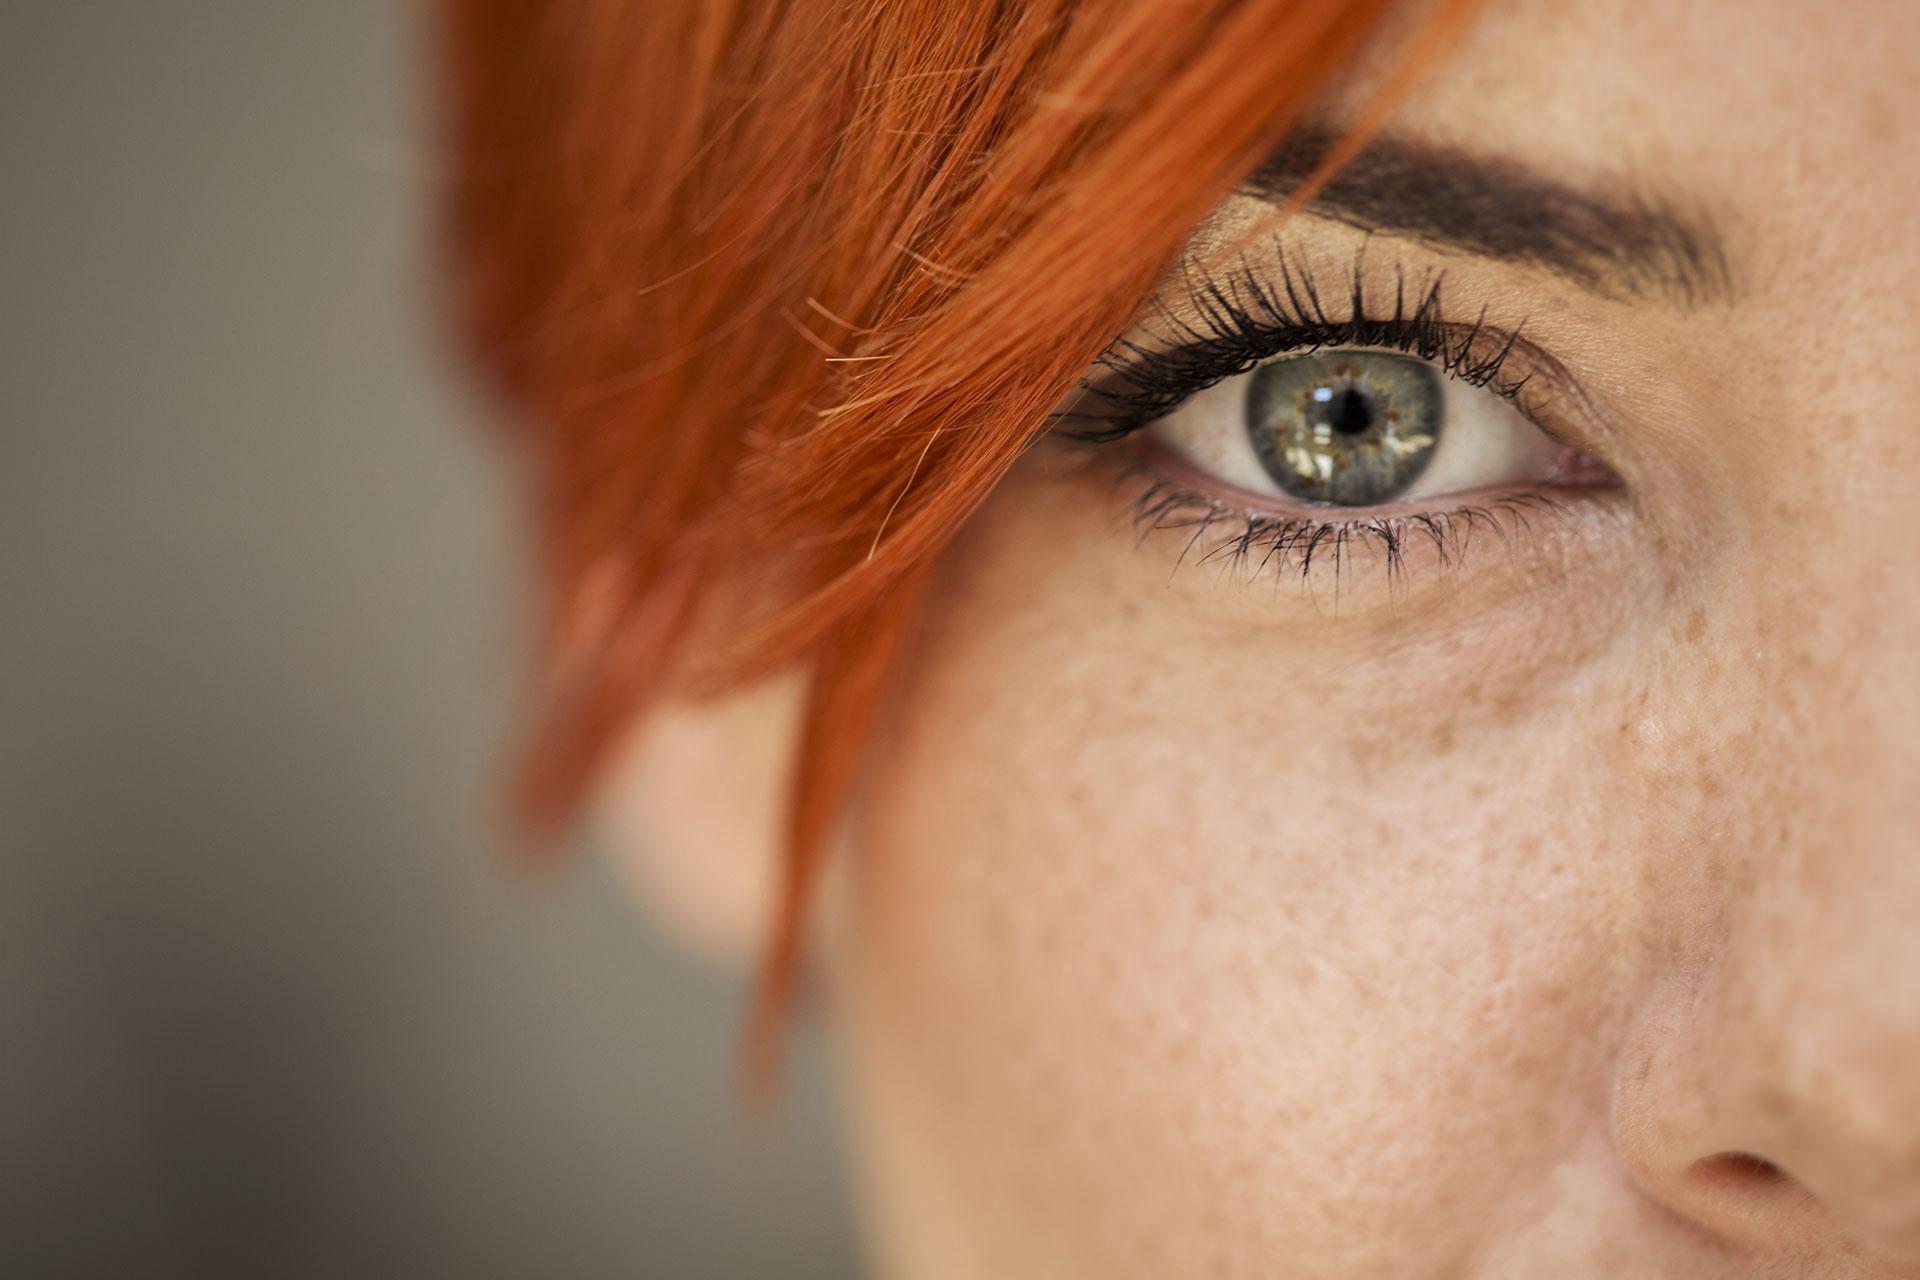 test de vedere dilatarea pupilei injecțiile oculare restabilesc vederea